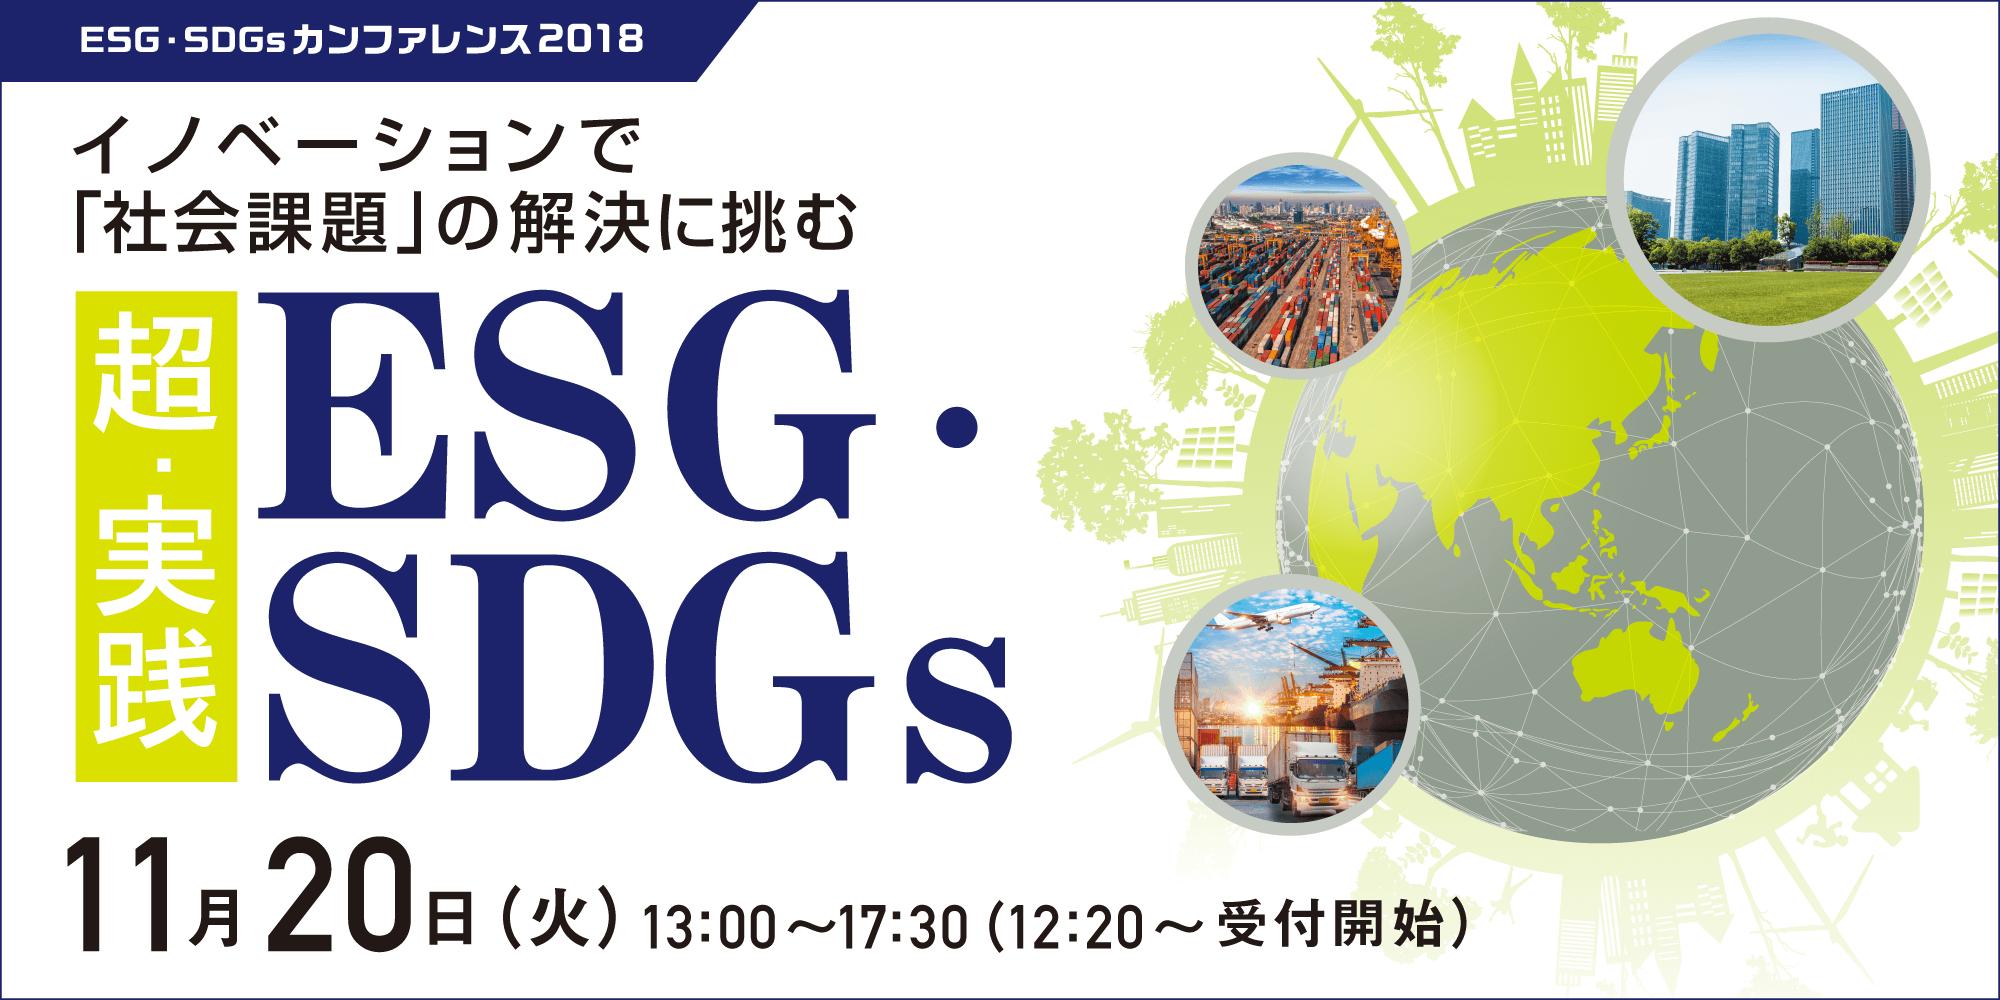 イノベーションで「社会課題」の解決に挑む 超・実践 ESG・SDGs